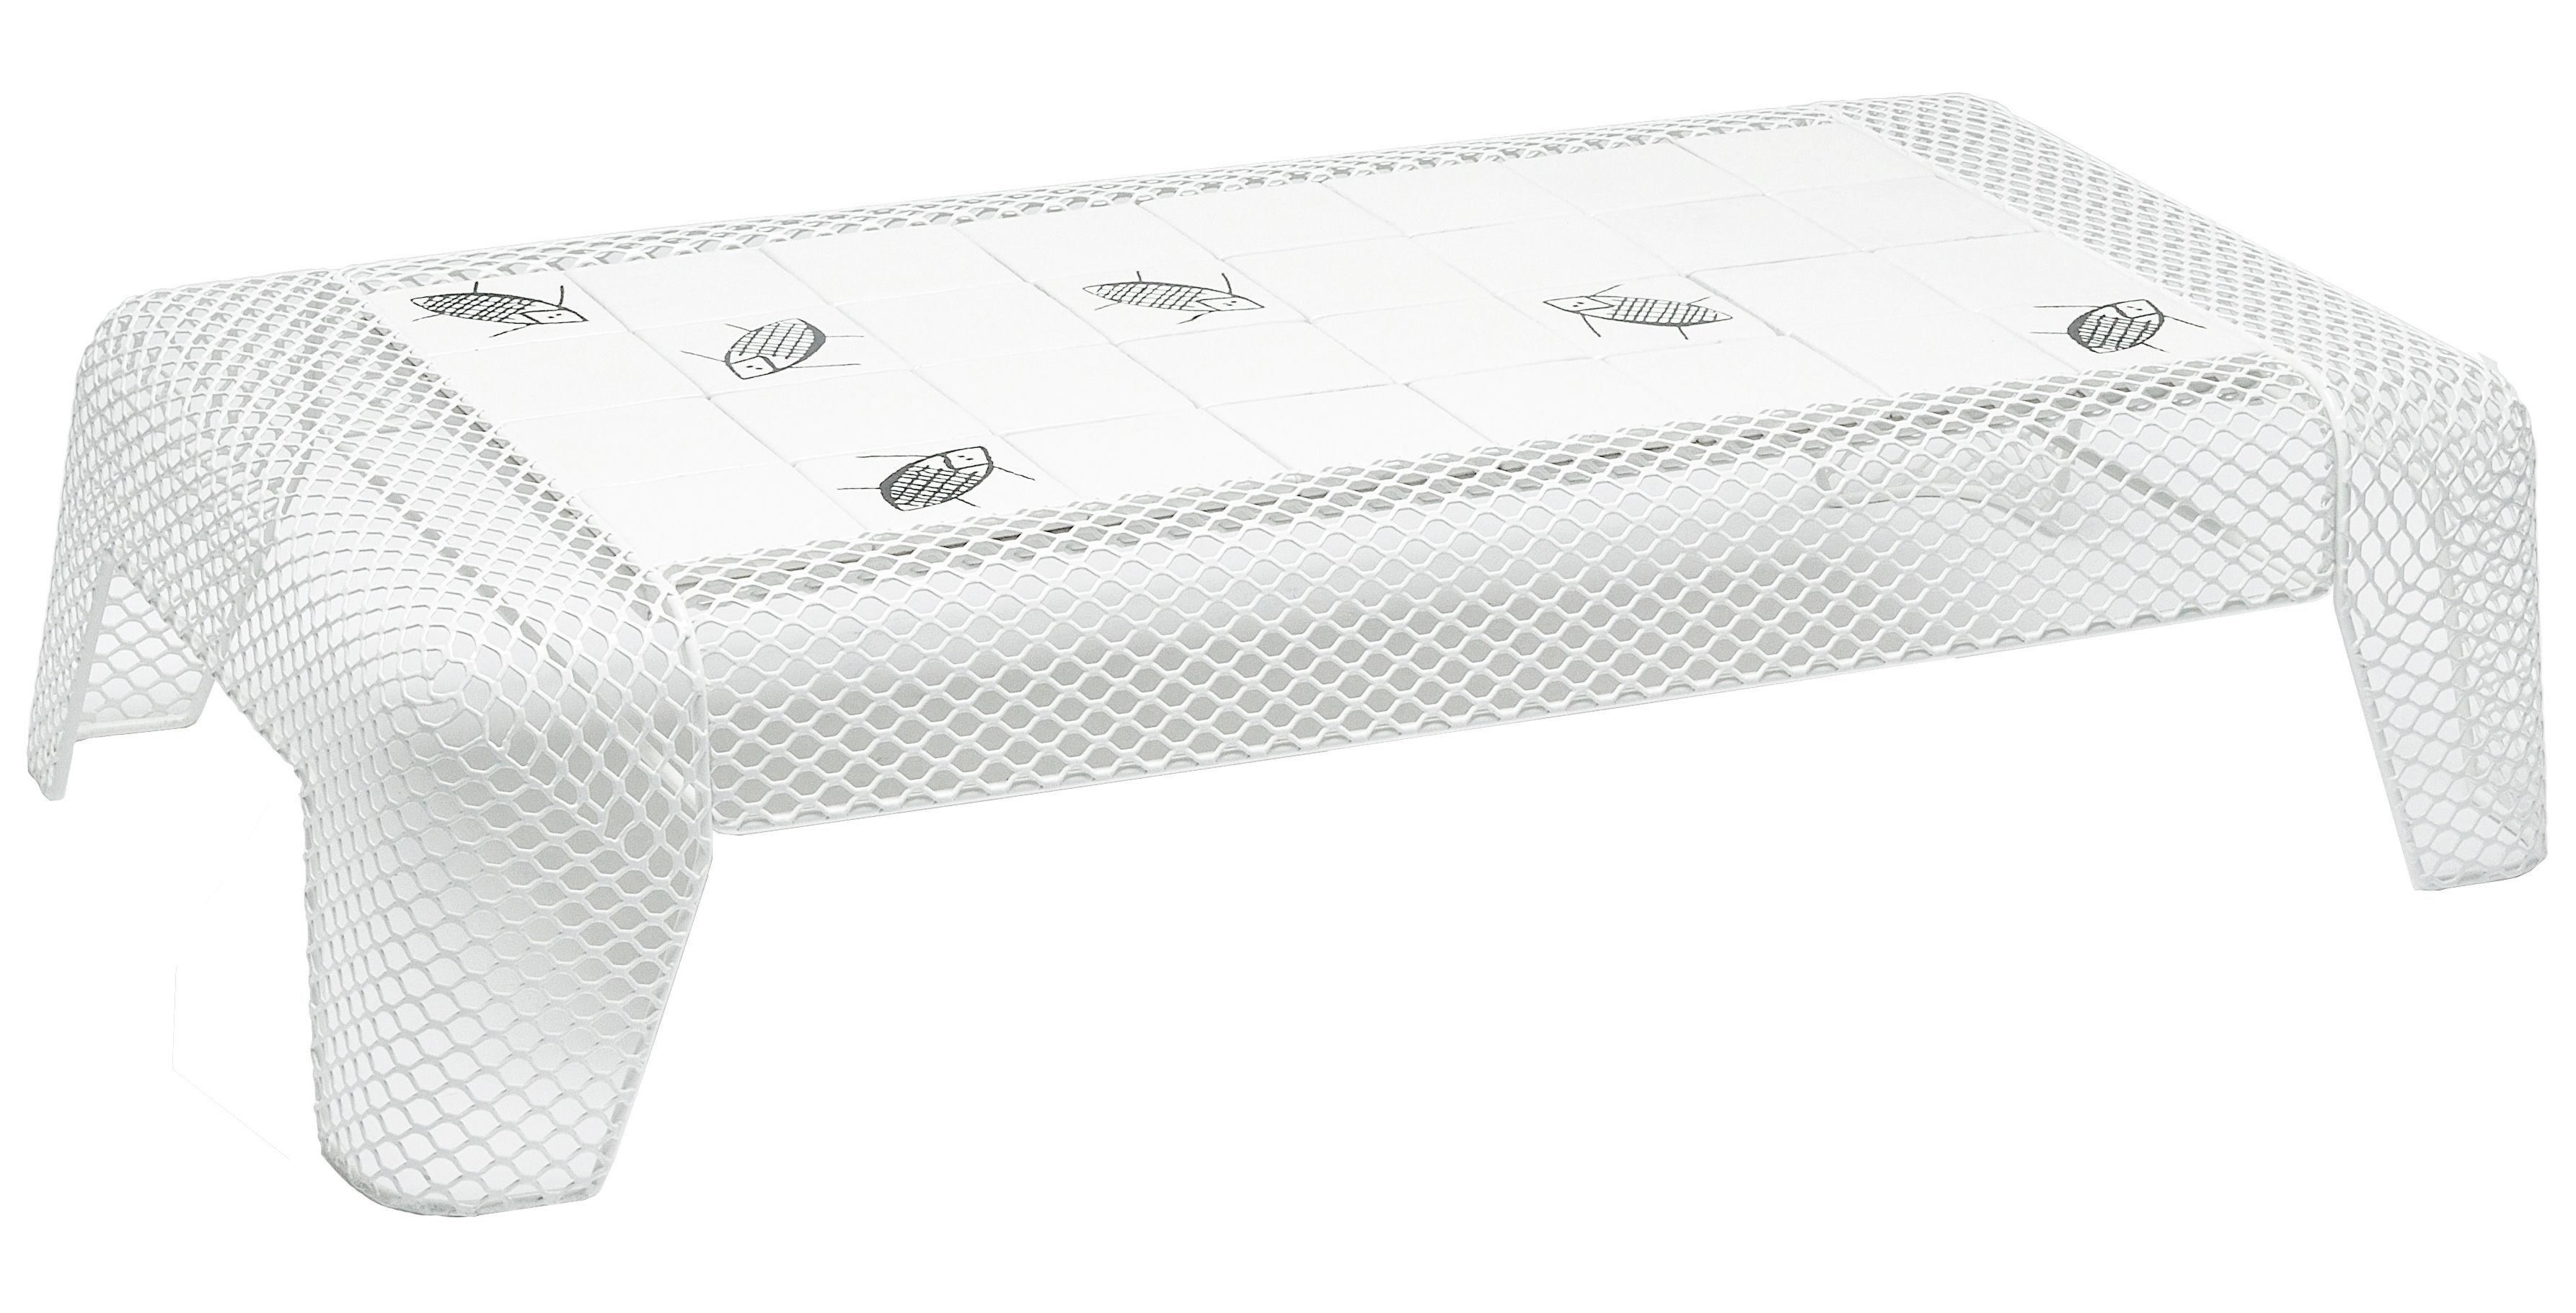 Möbel - Couchtische - Ivy Couchtisch mit Keramikkacheln, Motiv